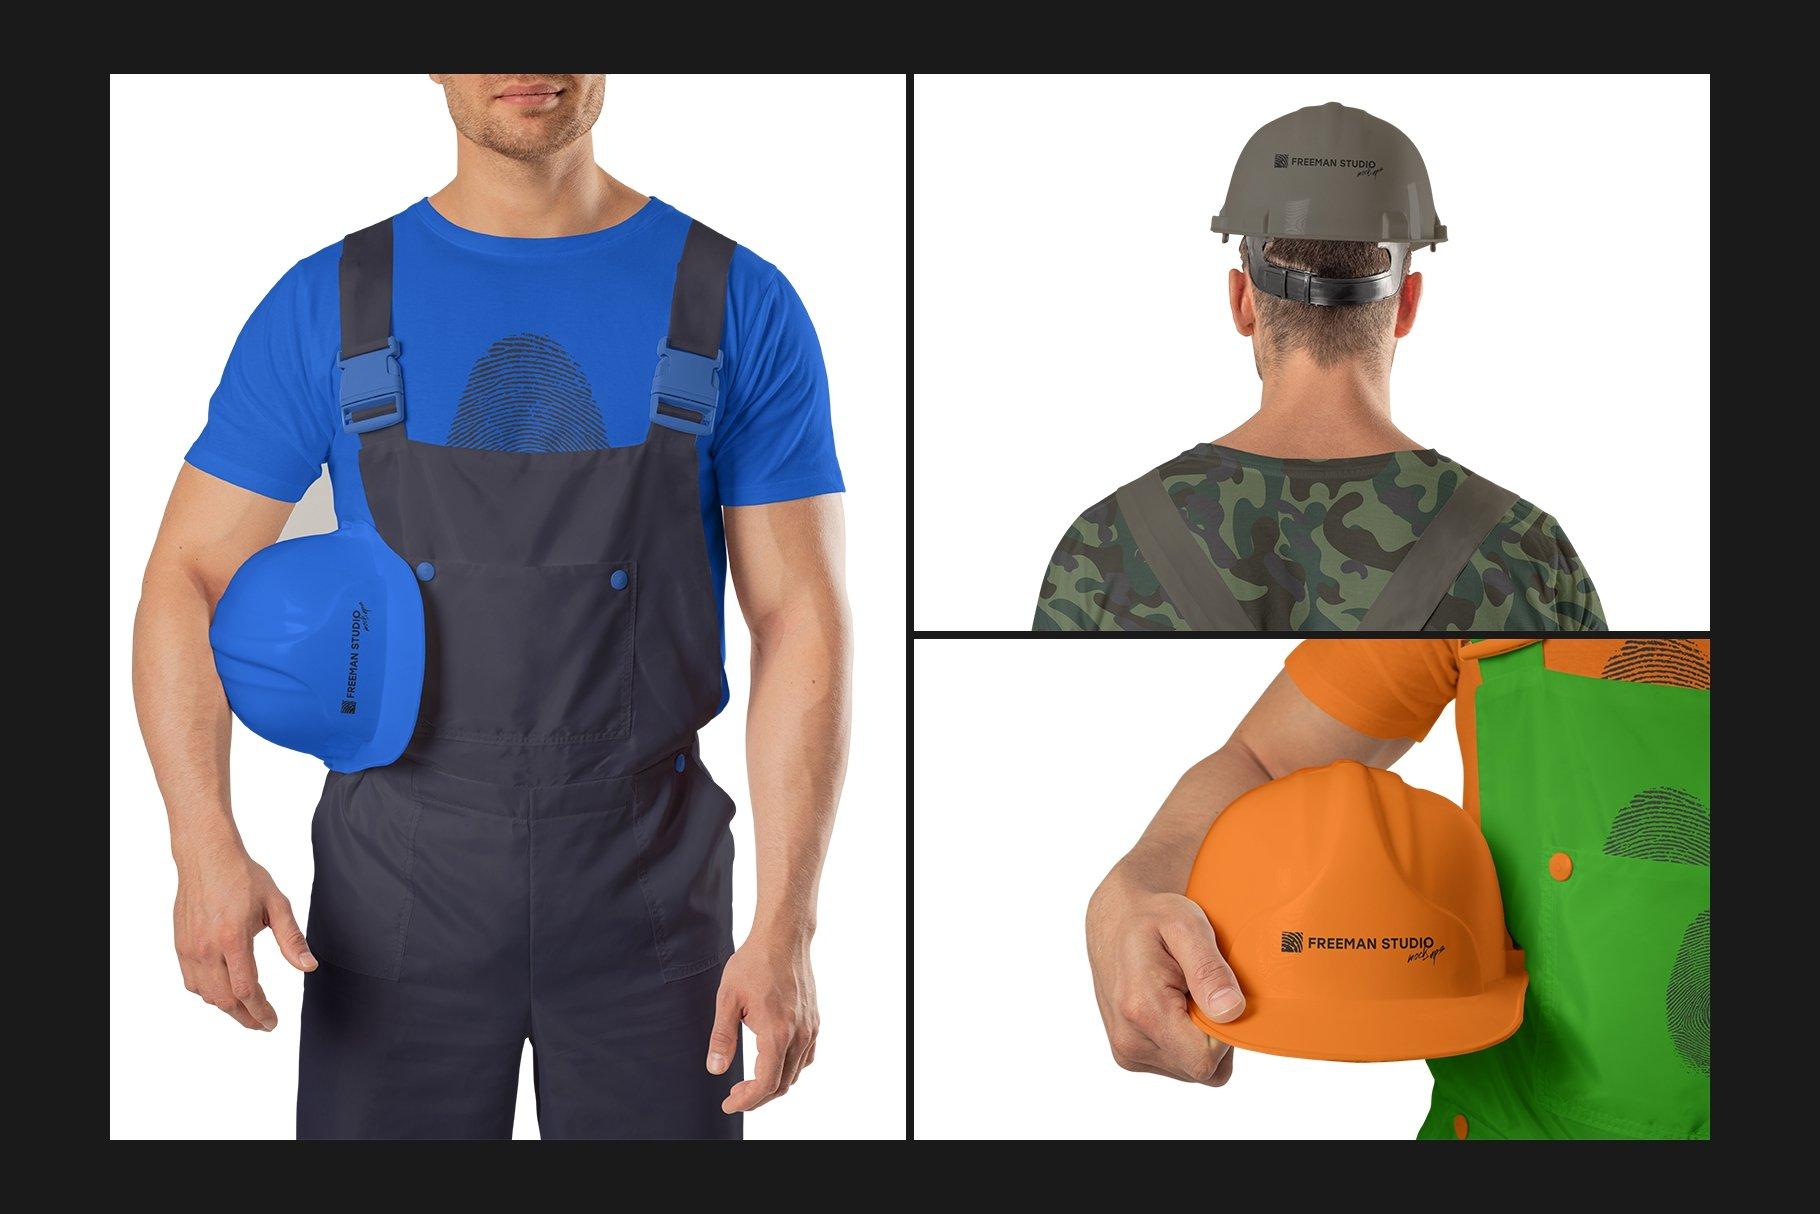 45个超大工装帽子安全帽品牌Logo设计智能贴图样机PSD模版素材 Working Overalls Suit Mock-Up Set插图12